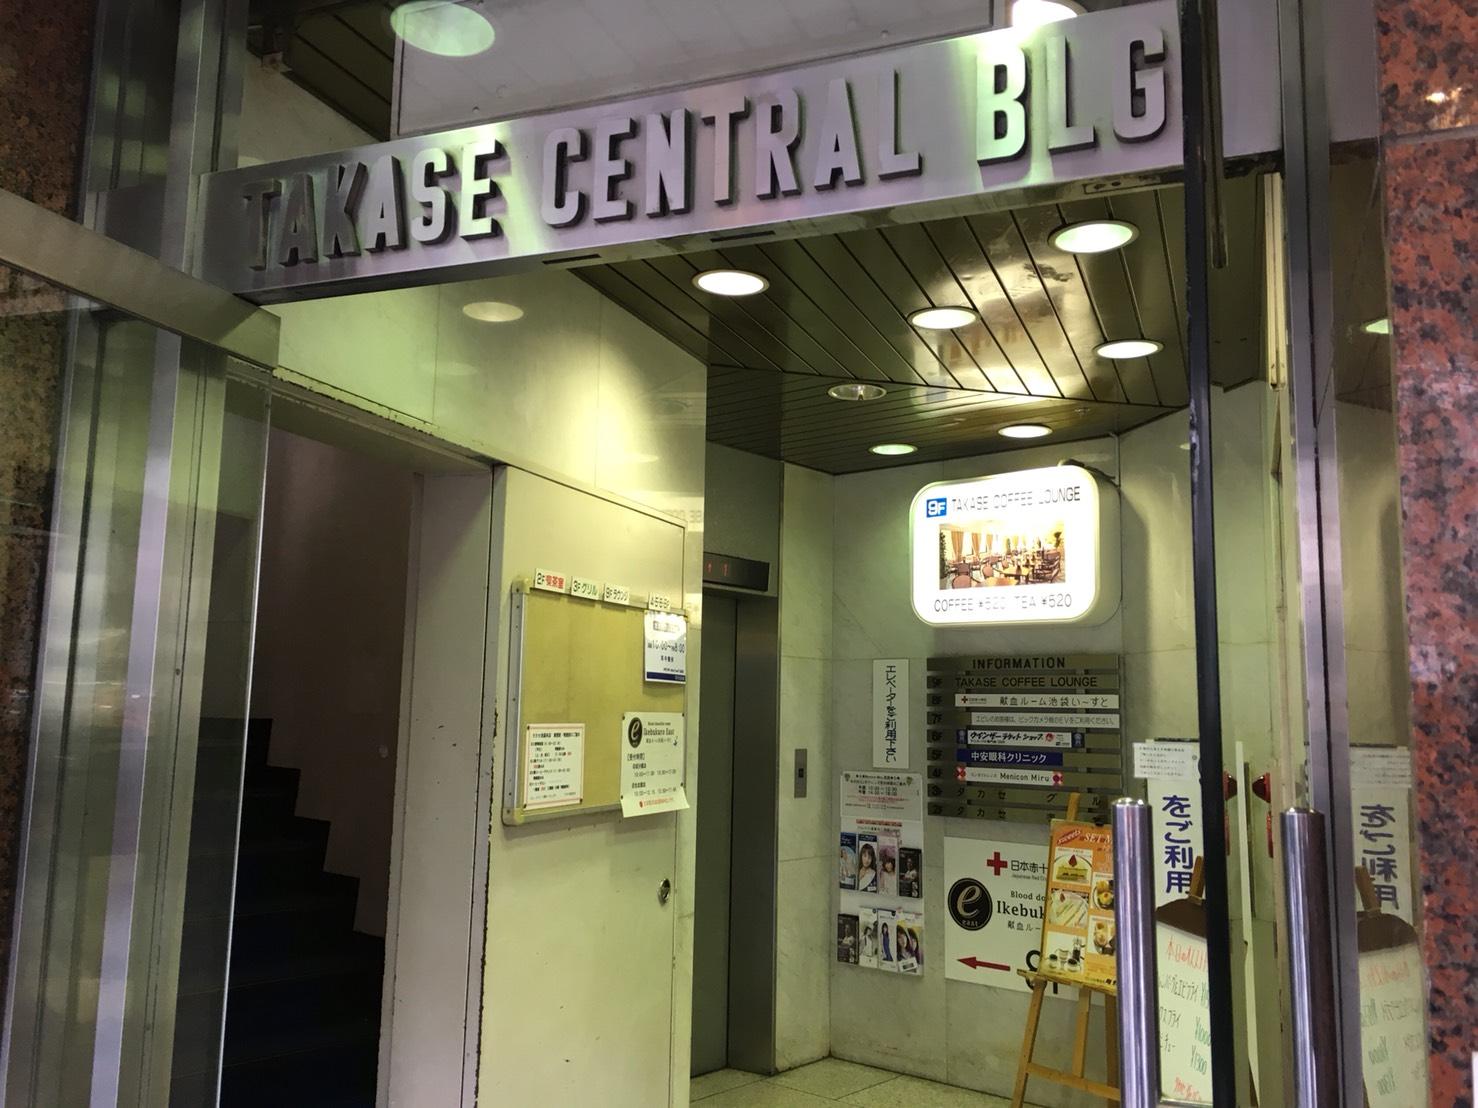 【池袋駅】創業大正9年。池袋の堂々たる名店で昔懐かし本格洋食を味わう「タカセ 池袋本店」のビル入口